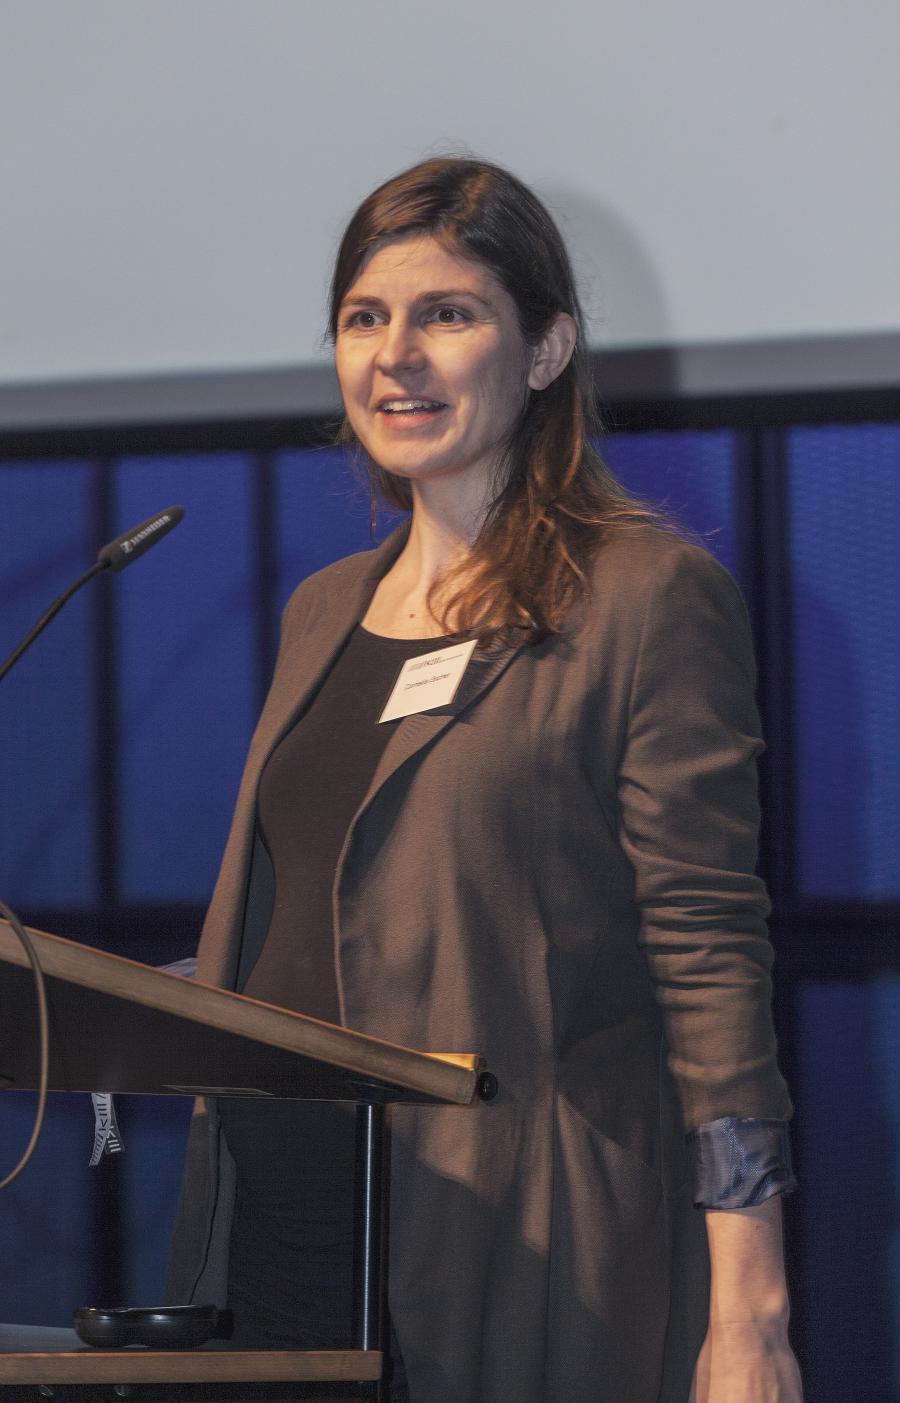 Cornelia Escher bei ihrem Vortrag im Rahmen des Frei Otto Symposiums